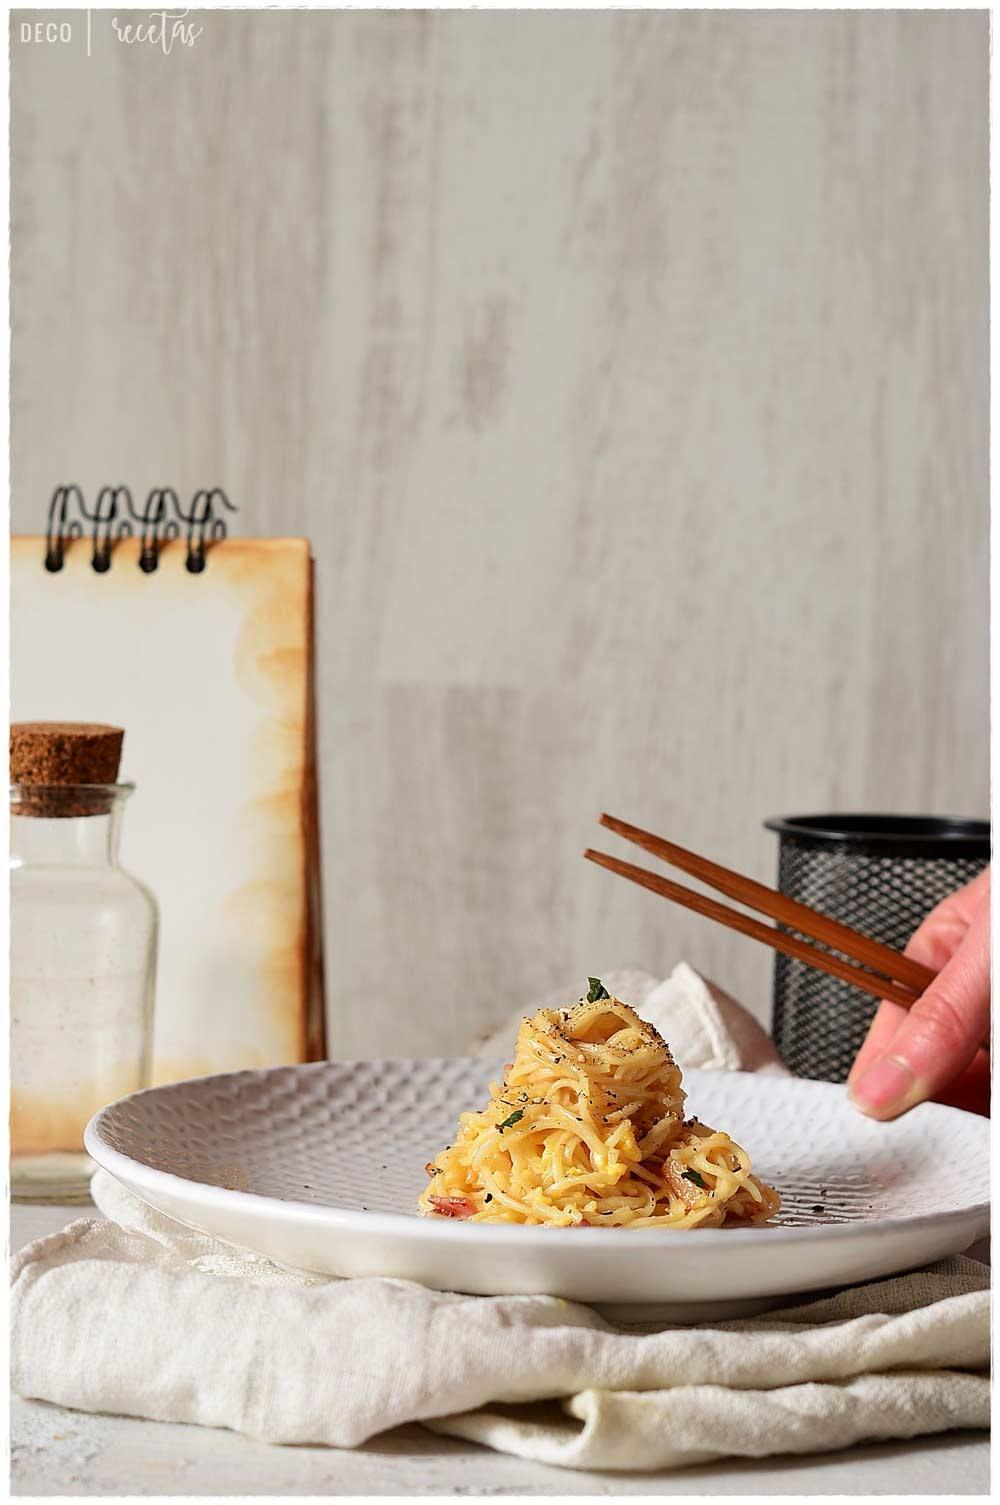 espagueti a la carbonara salsa  carbonara carbonara carbonara pasta pasta carbonara spaghetti carbonara